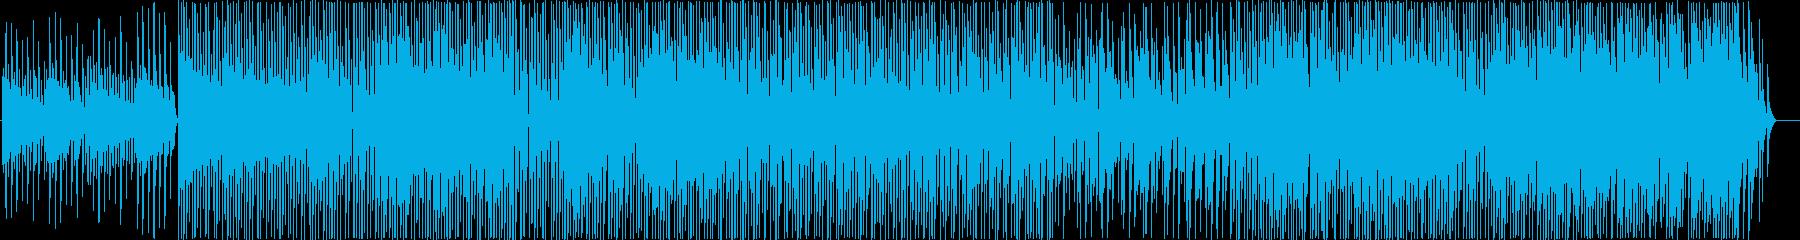 リズミックなピアノメインのポップBGMの再生済みの波形